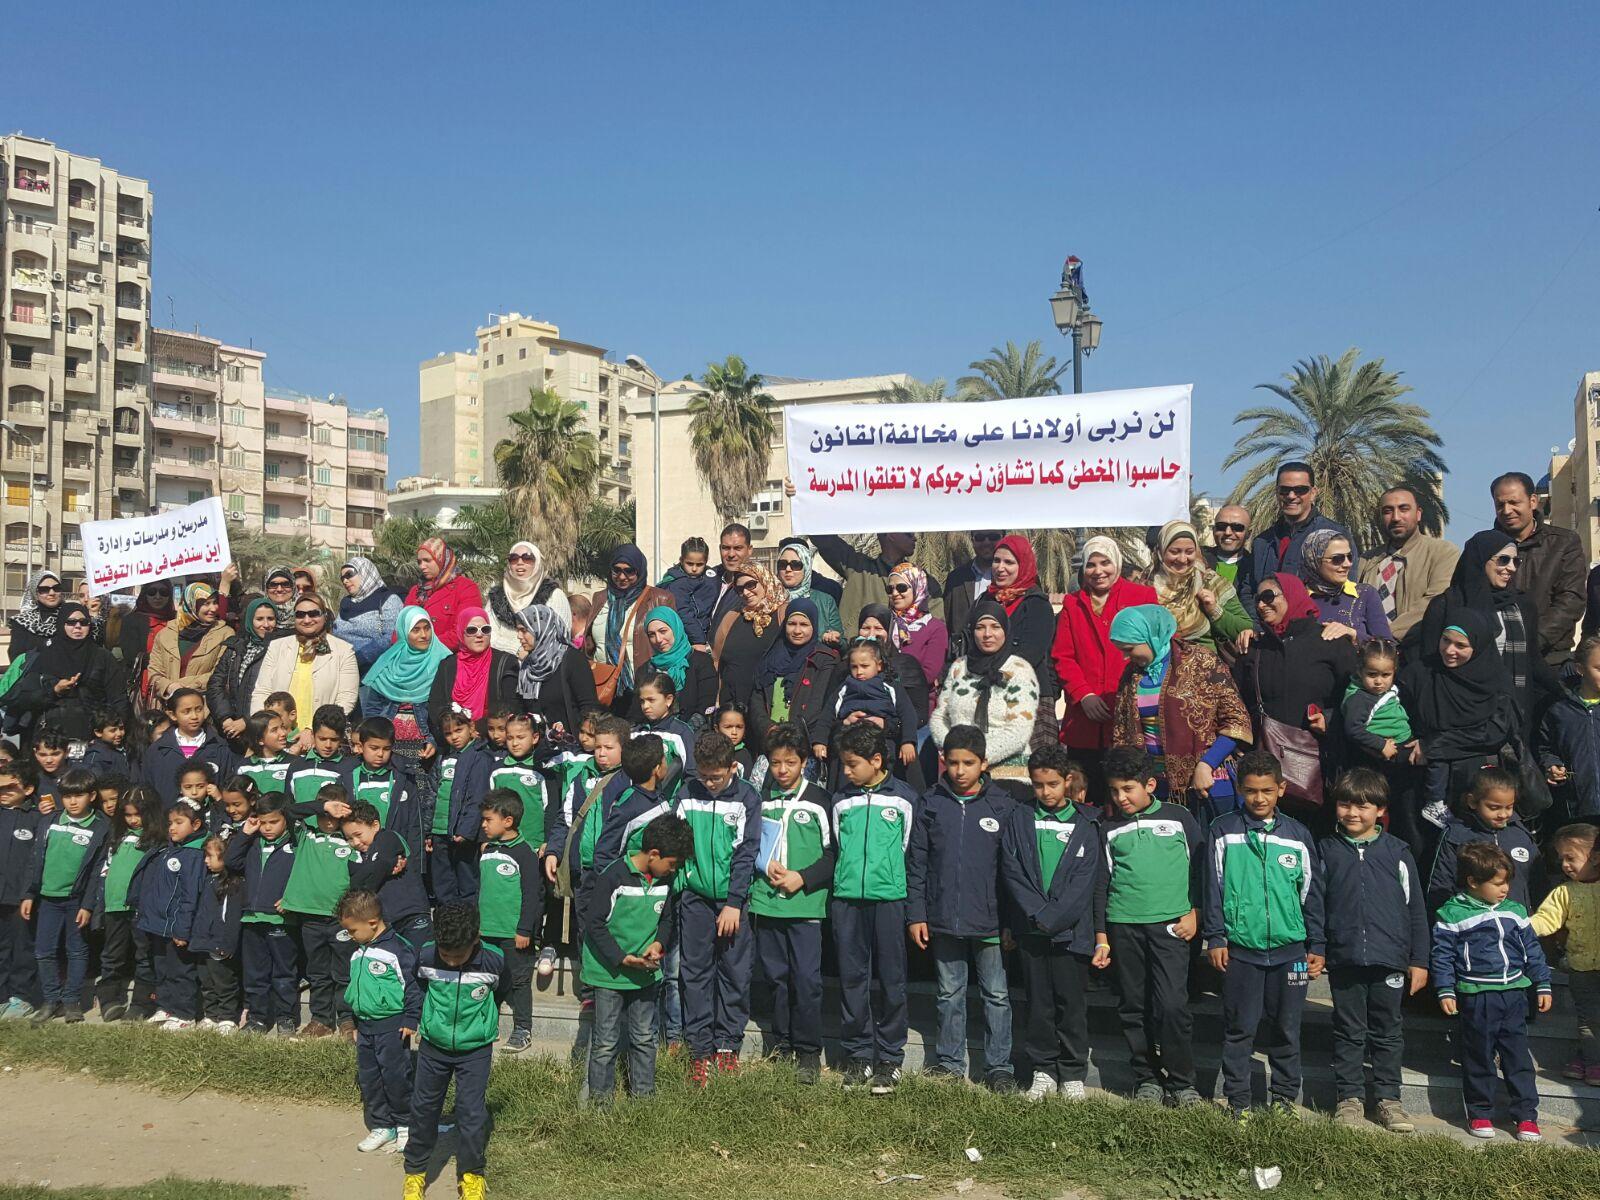 بالصور.. أولياء أمور وطلاب مدرسة خاصة يتظاهرون أمام «ديوان البحيرة» بعد حكم بغلقها